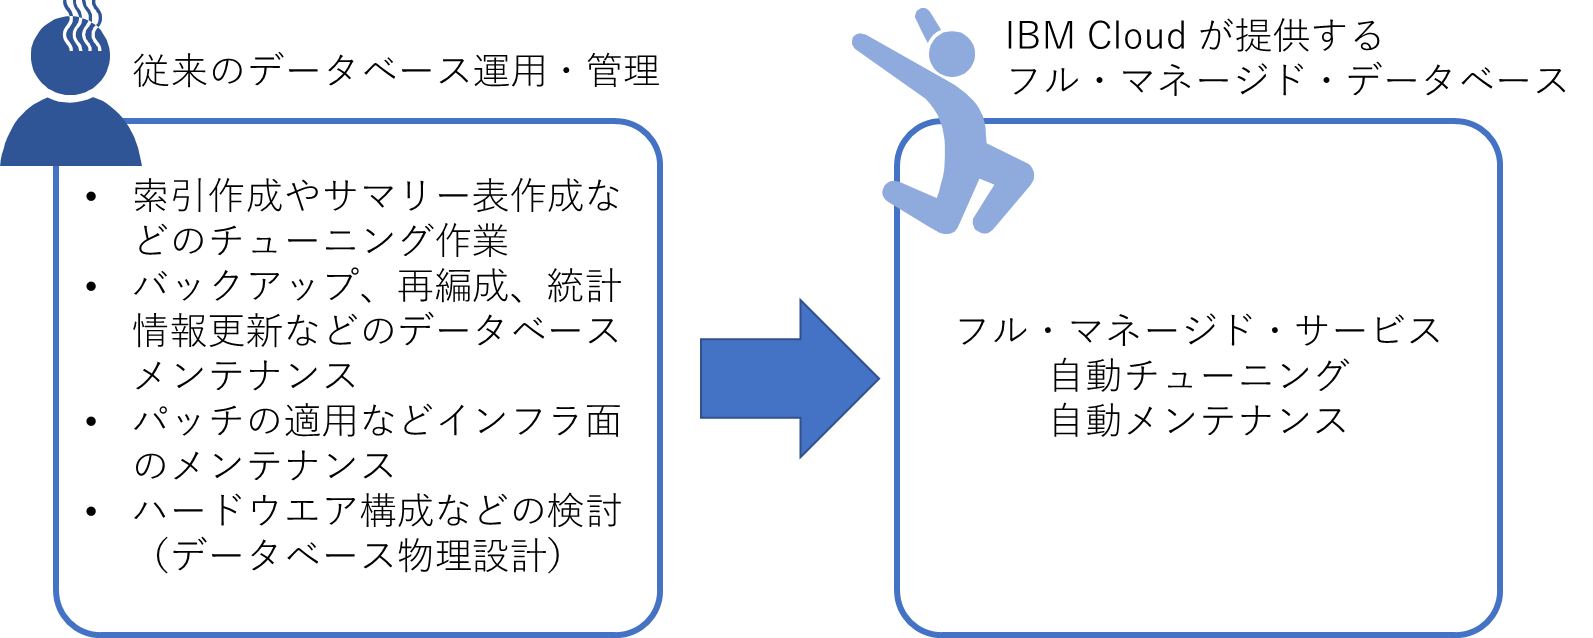 フルマネージドデータベース